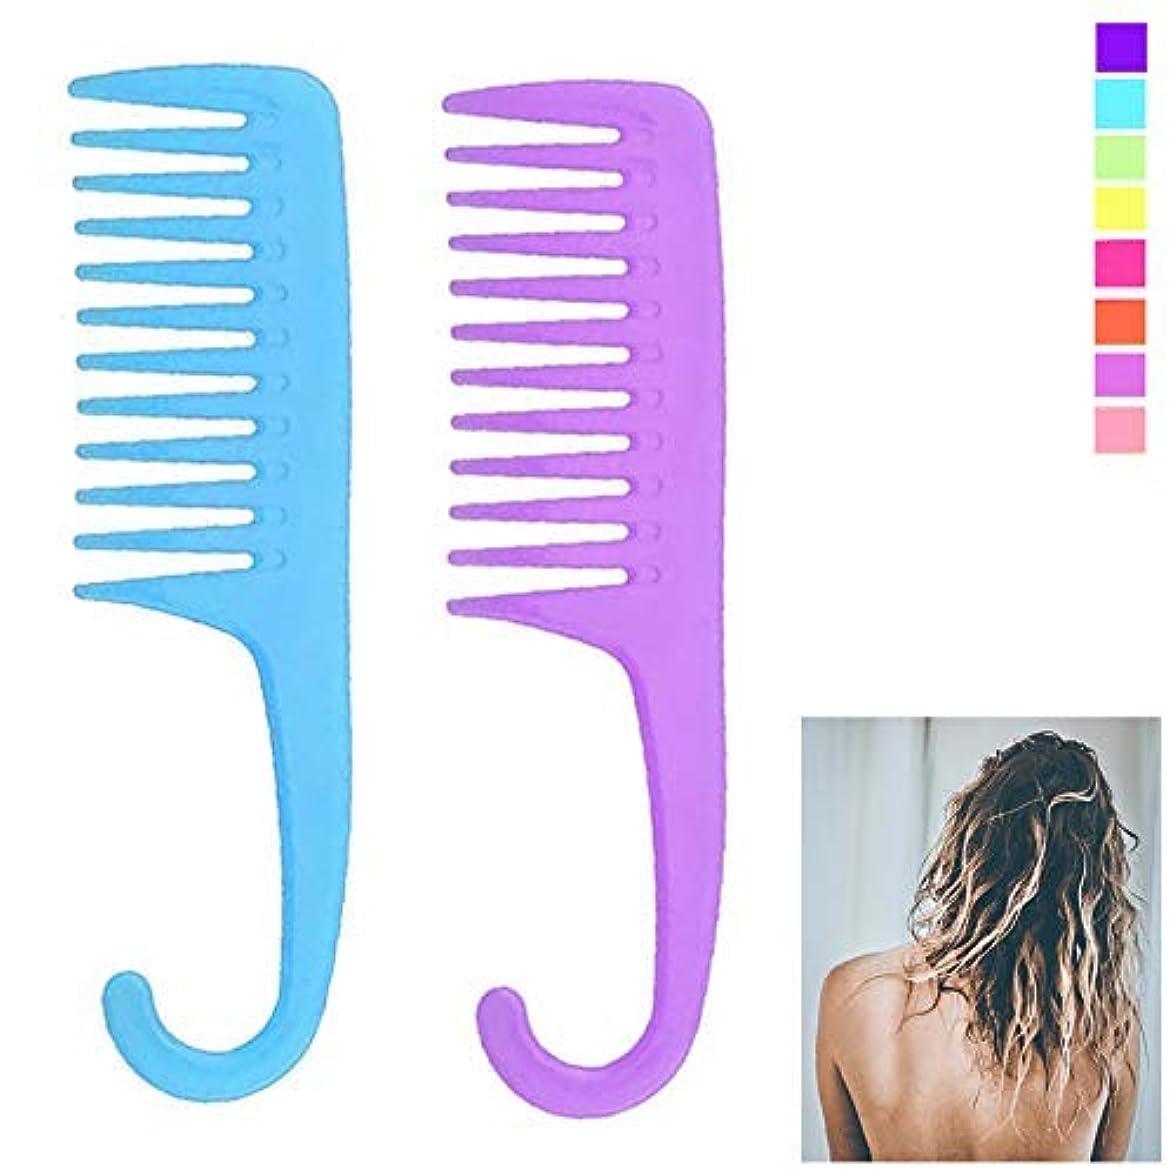 最大化するなめらかな原点2 Shower Combs Hair Wide Tooth Dry Wet Gently Detangles Thick Long Durable Salon [並行輸入品]